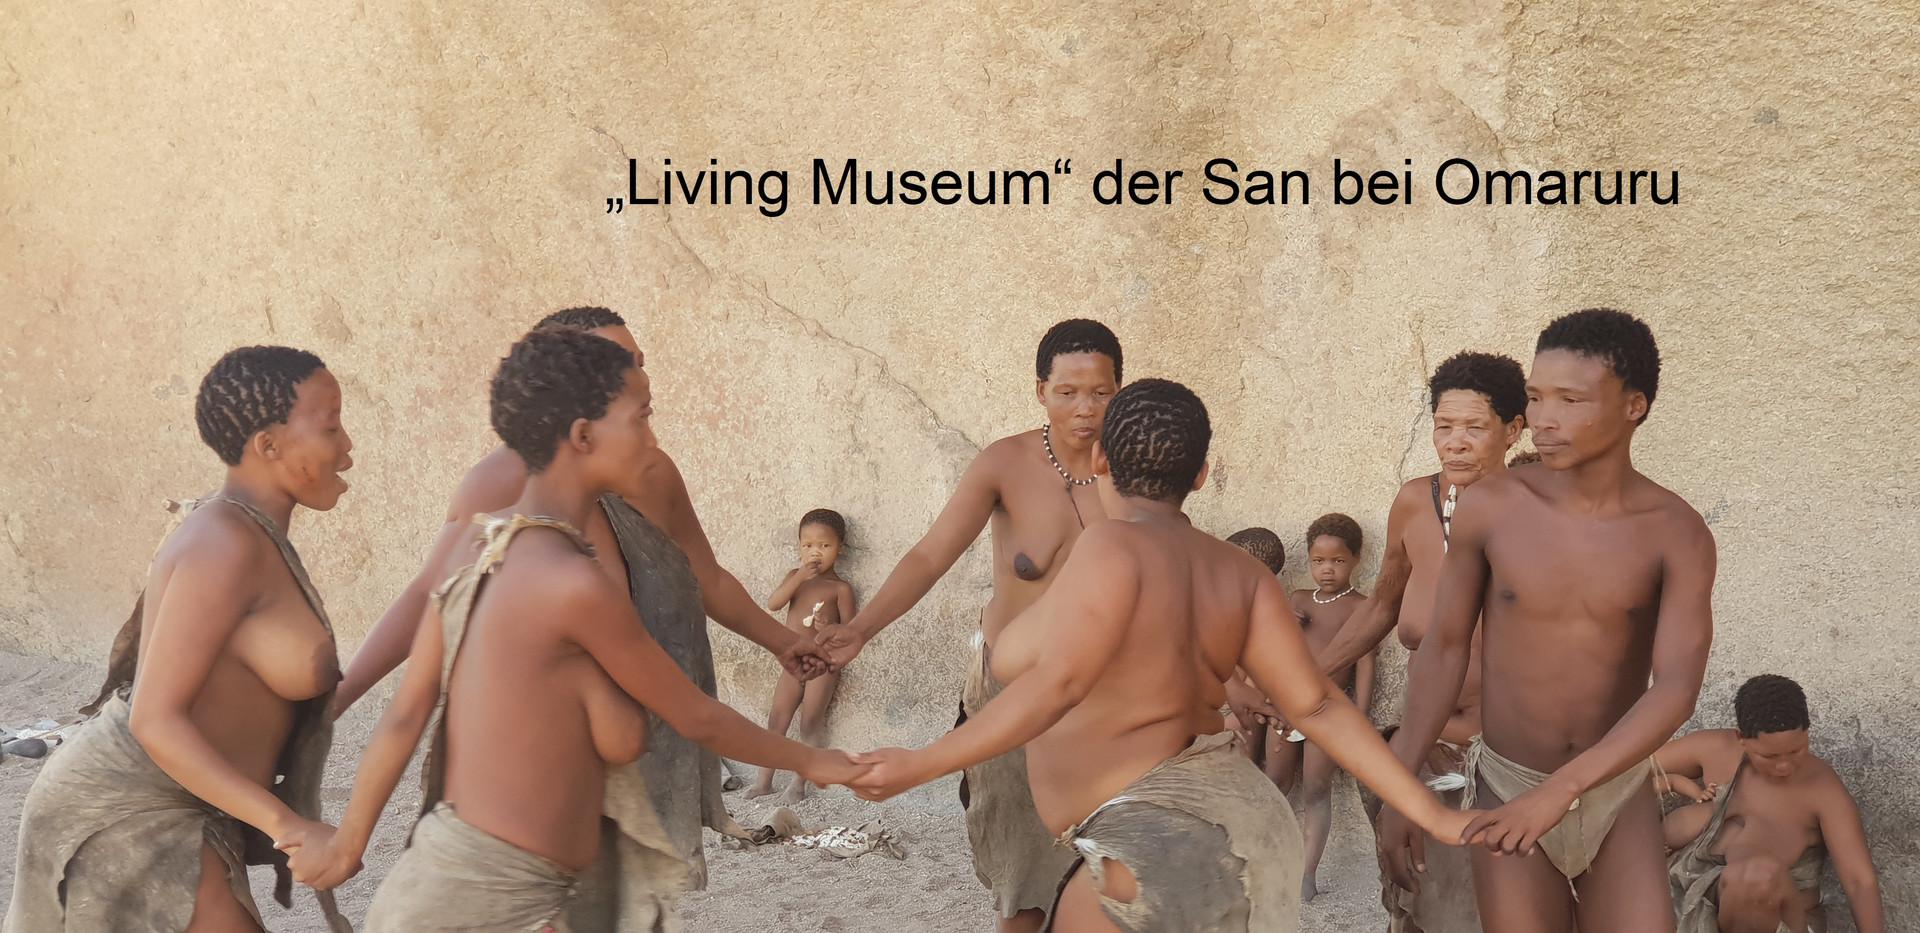 Living Museum1 beschriftet.jpg